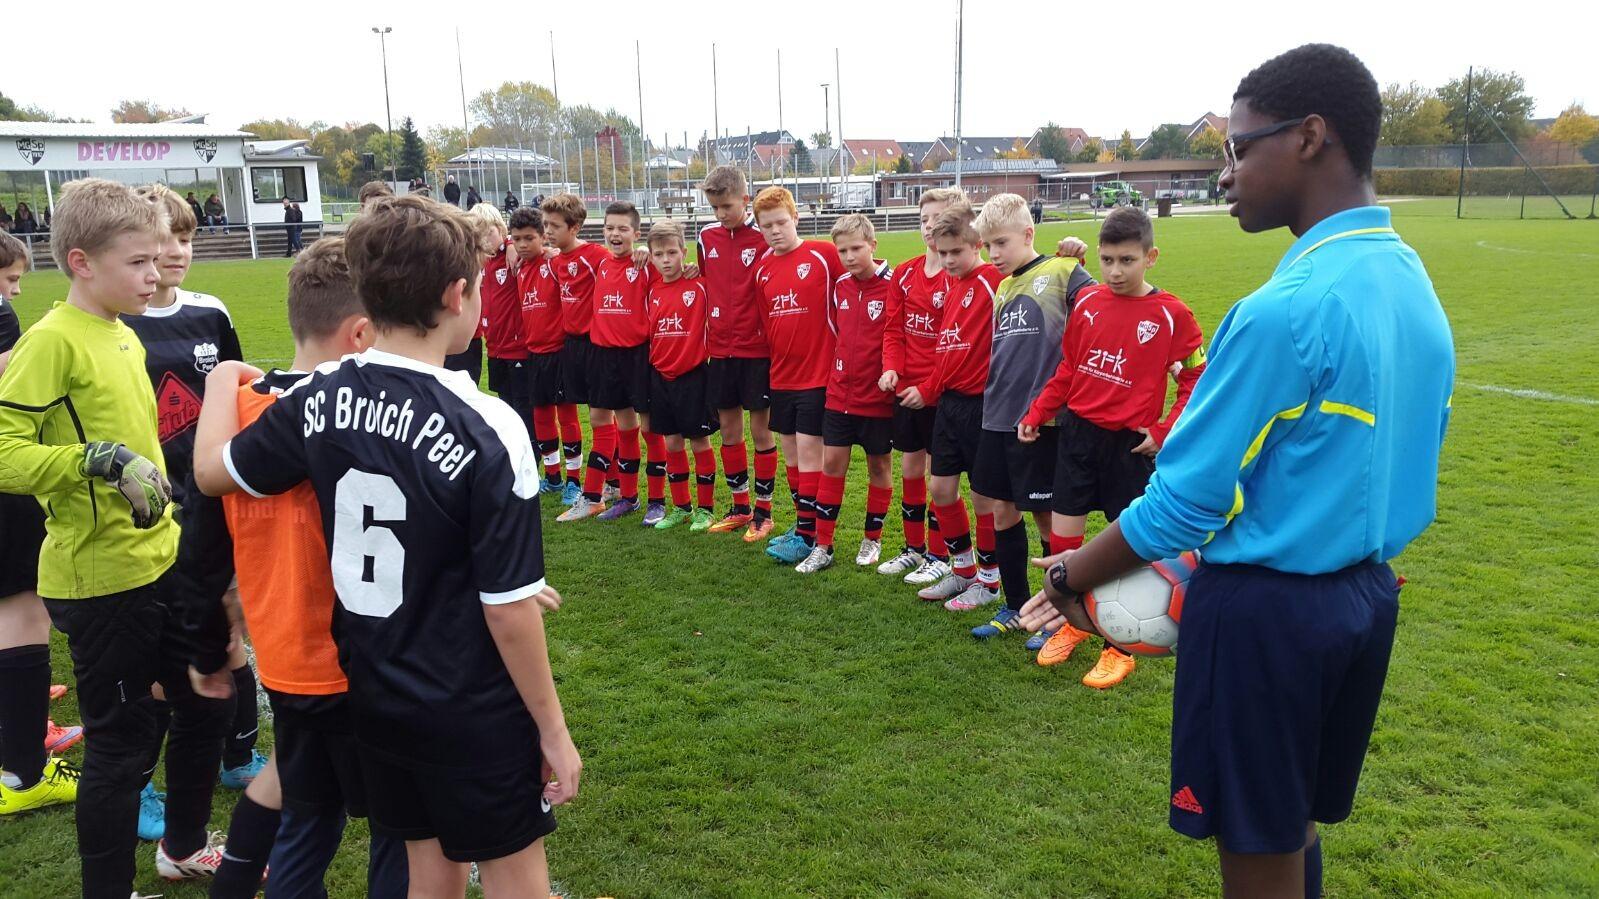 24.10.2015 - 7:0 Erfolg gegen Broich Peel